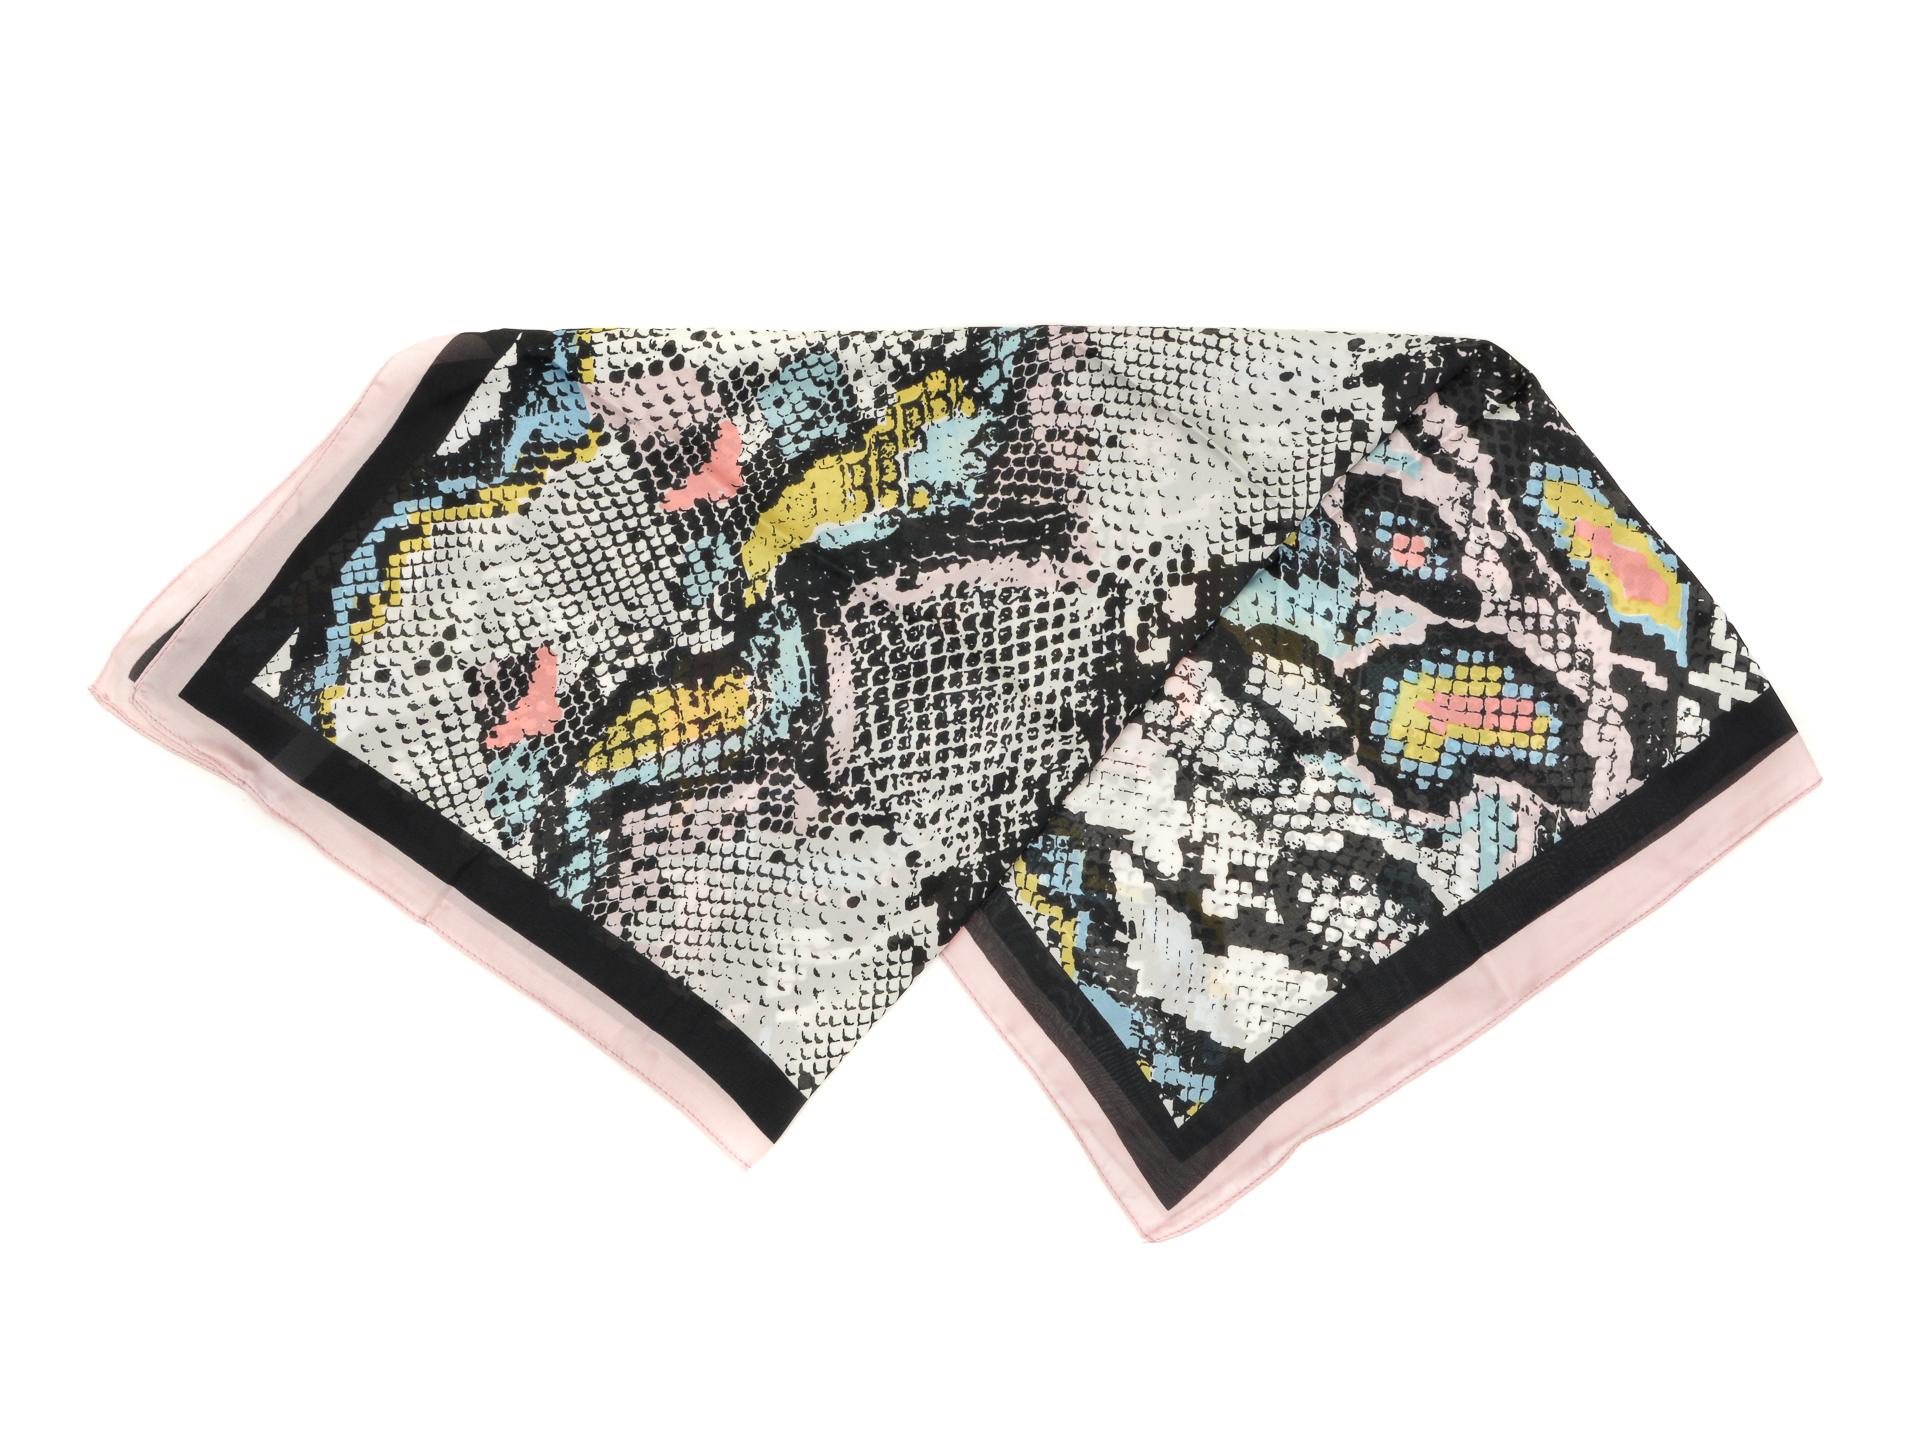 Esarfa ALDO multicolor, Artemis963, din material textil New